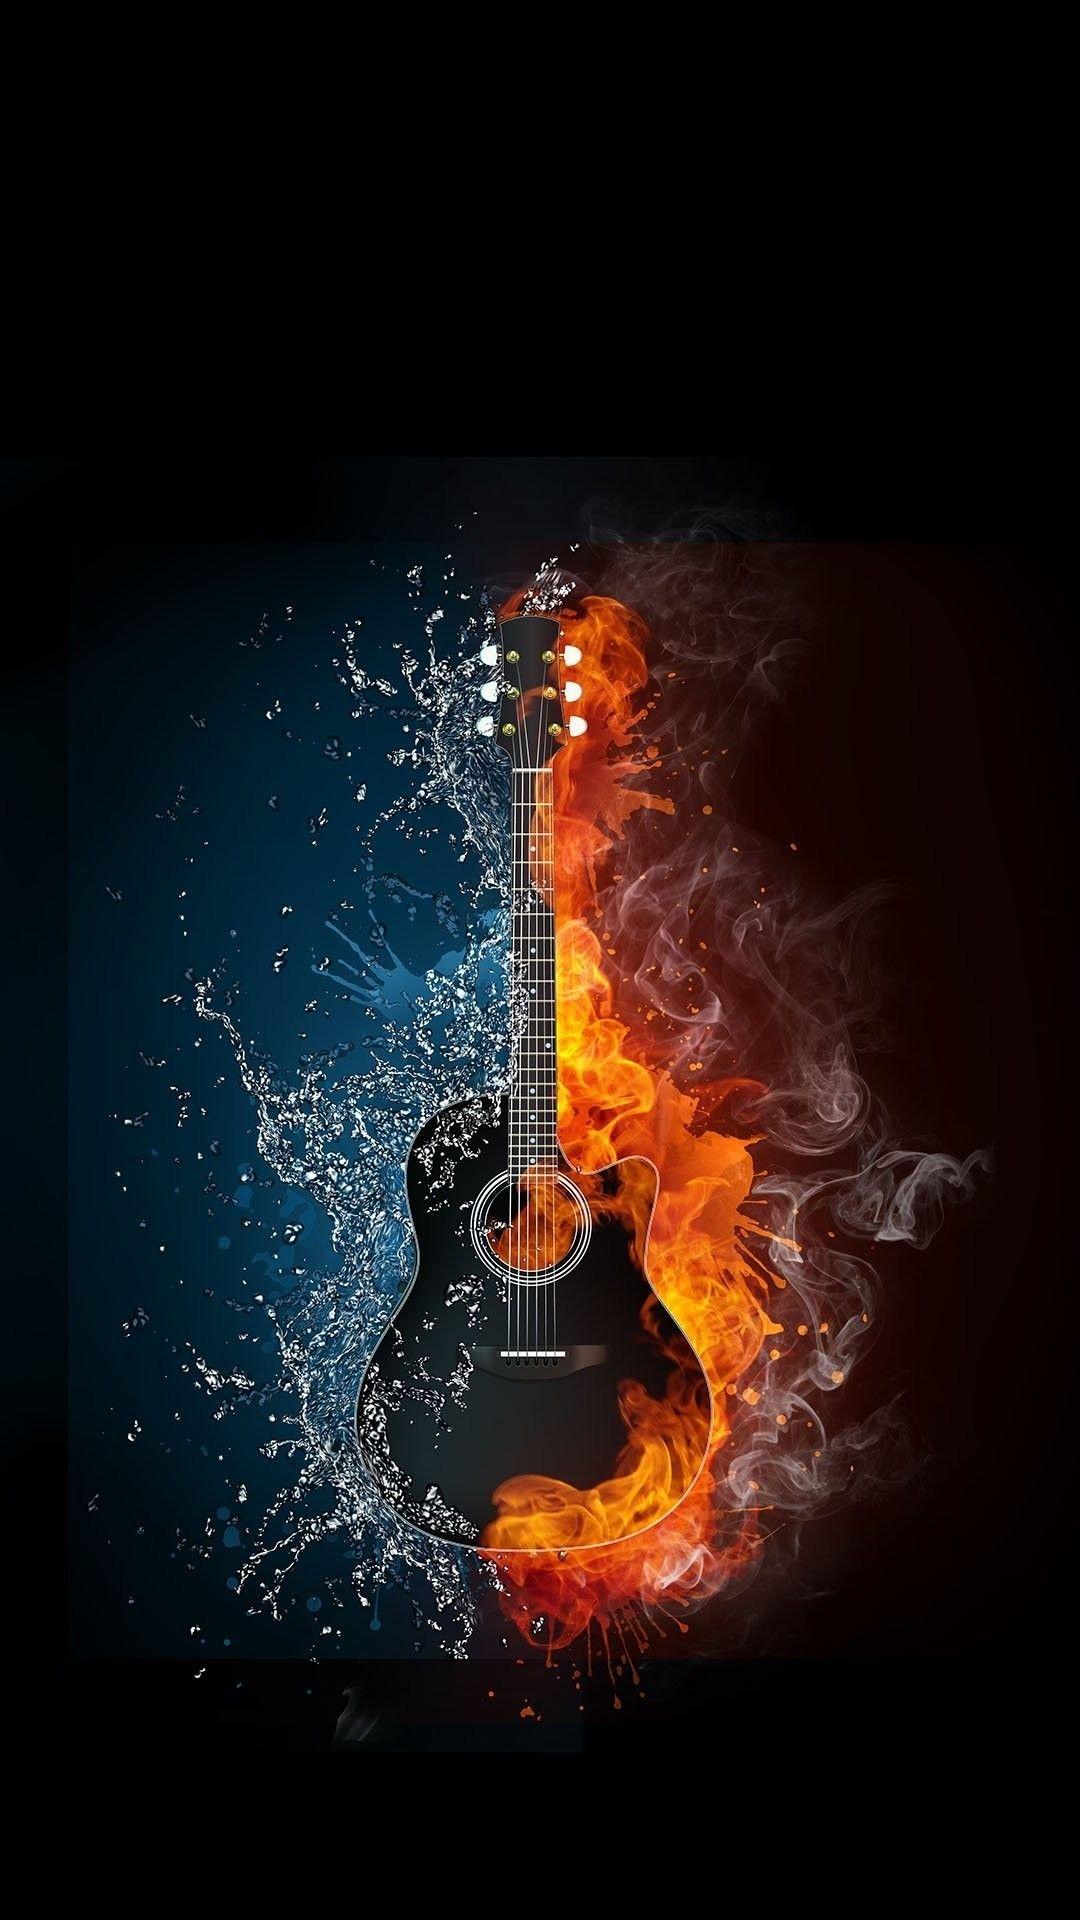 Electric Guitar Wallpaper 4k Wallpaper